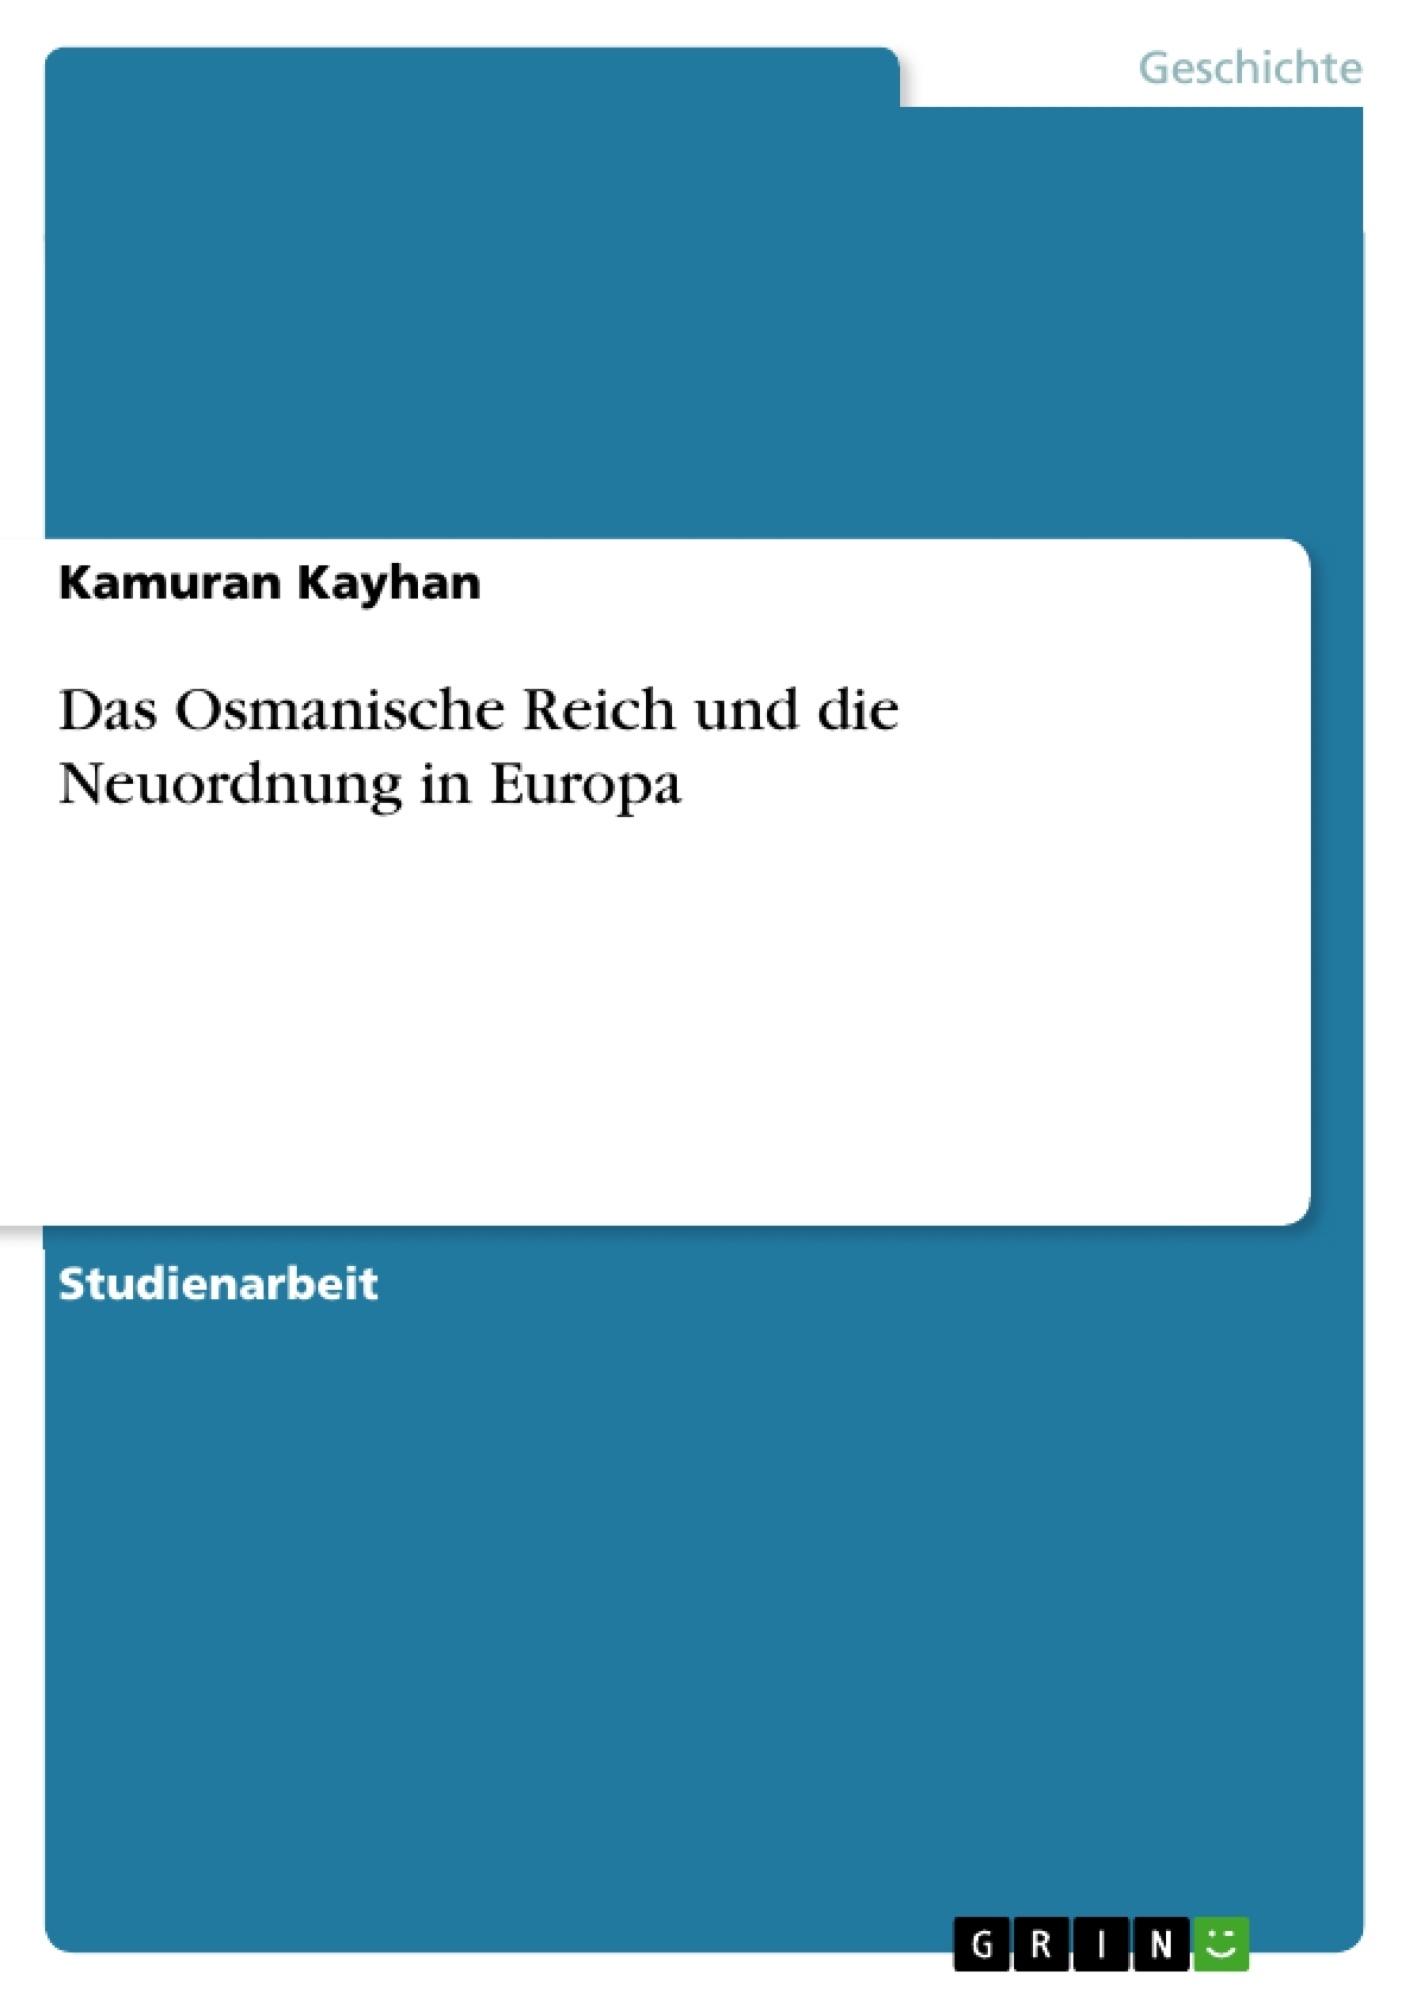 Titel: Das Osmanische Reich und die Neuordnung in Europa